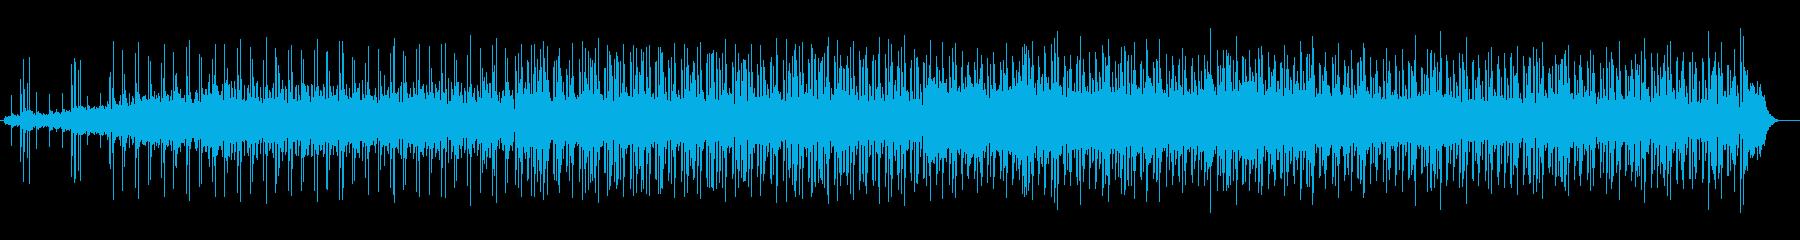 暖かみのあるゆったりシンセサウンドの再生済みの波形